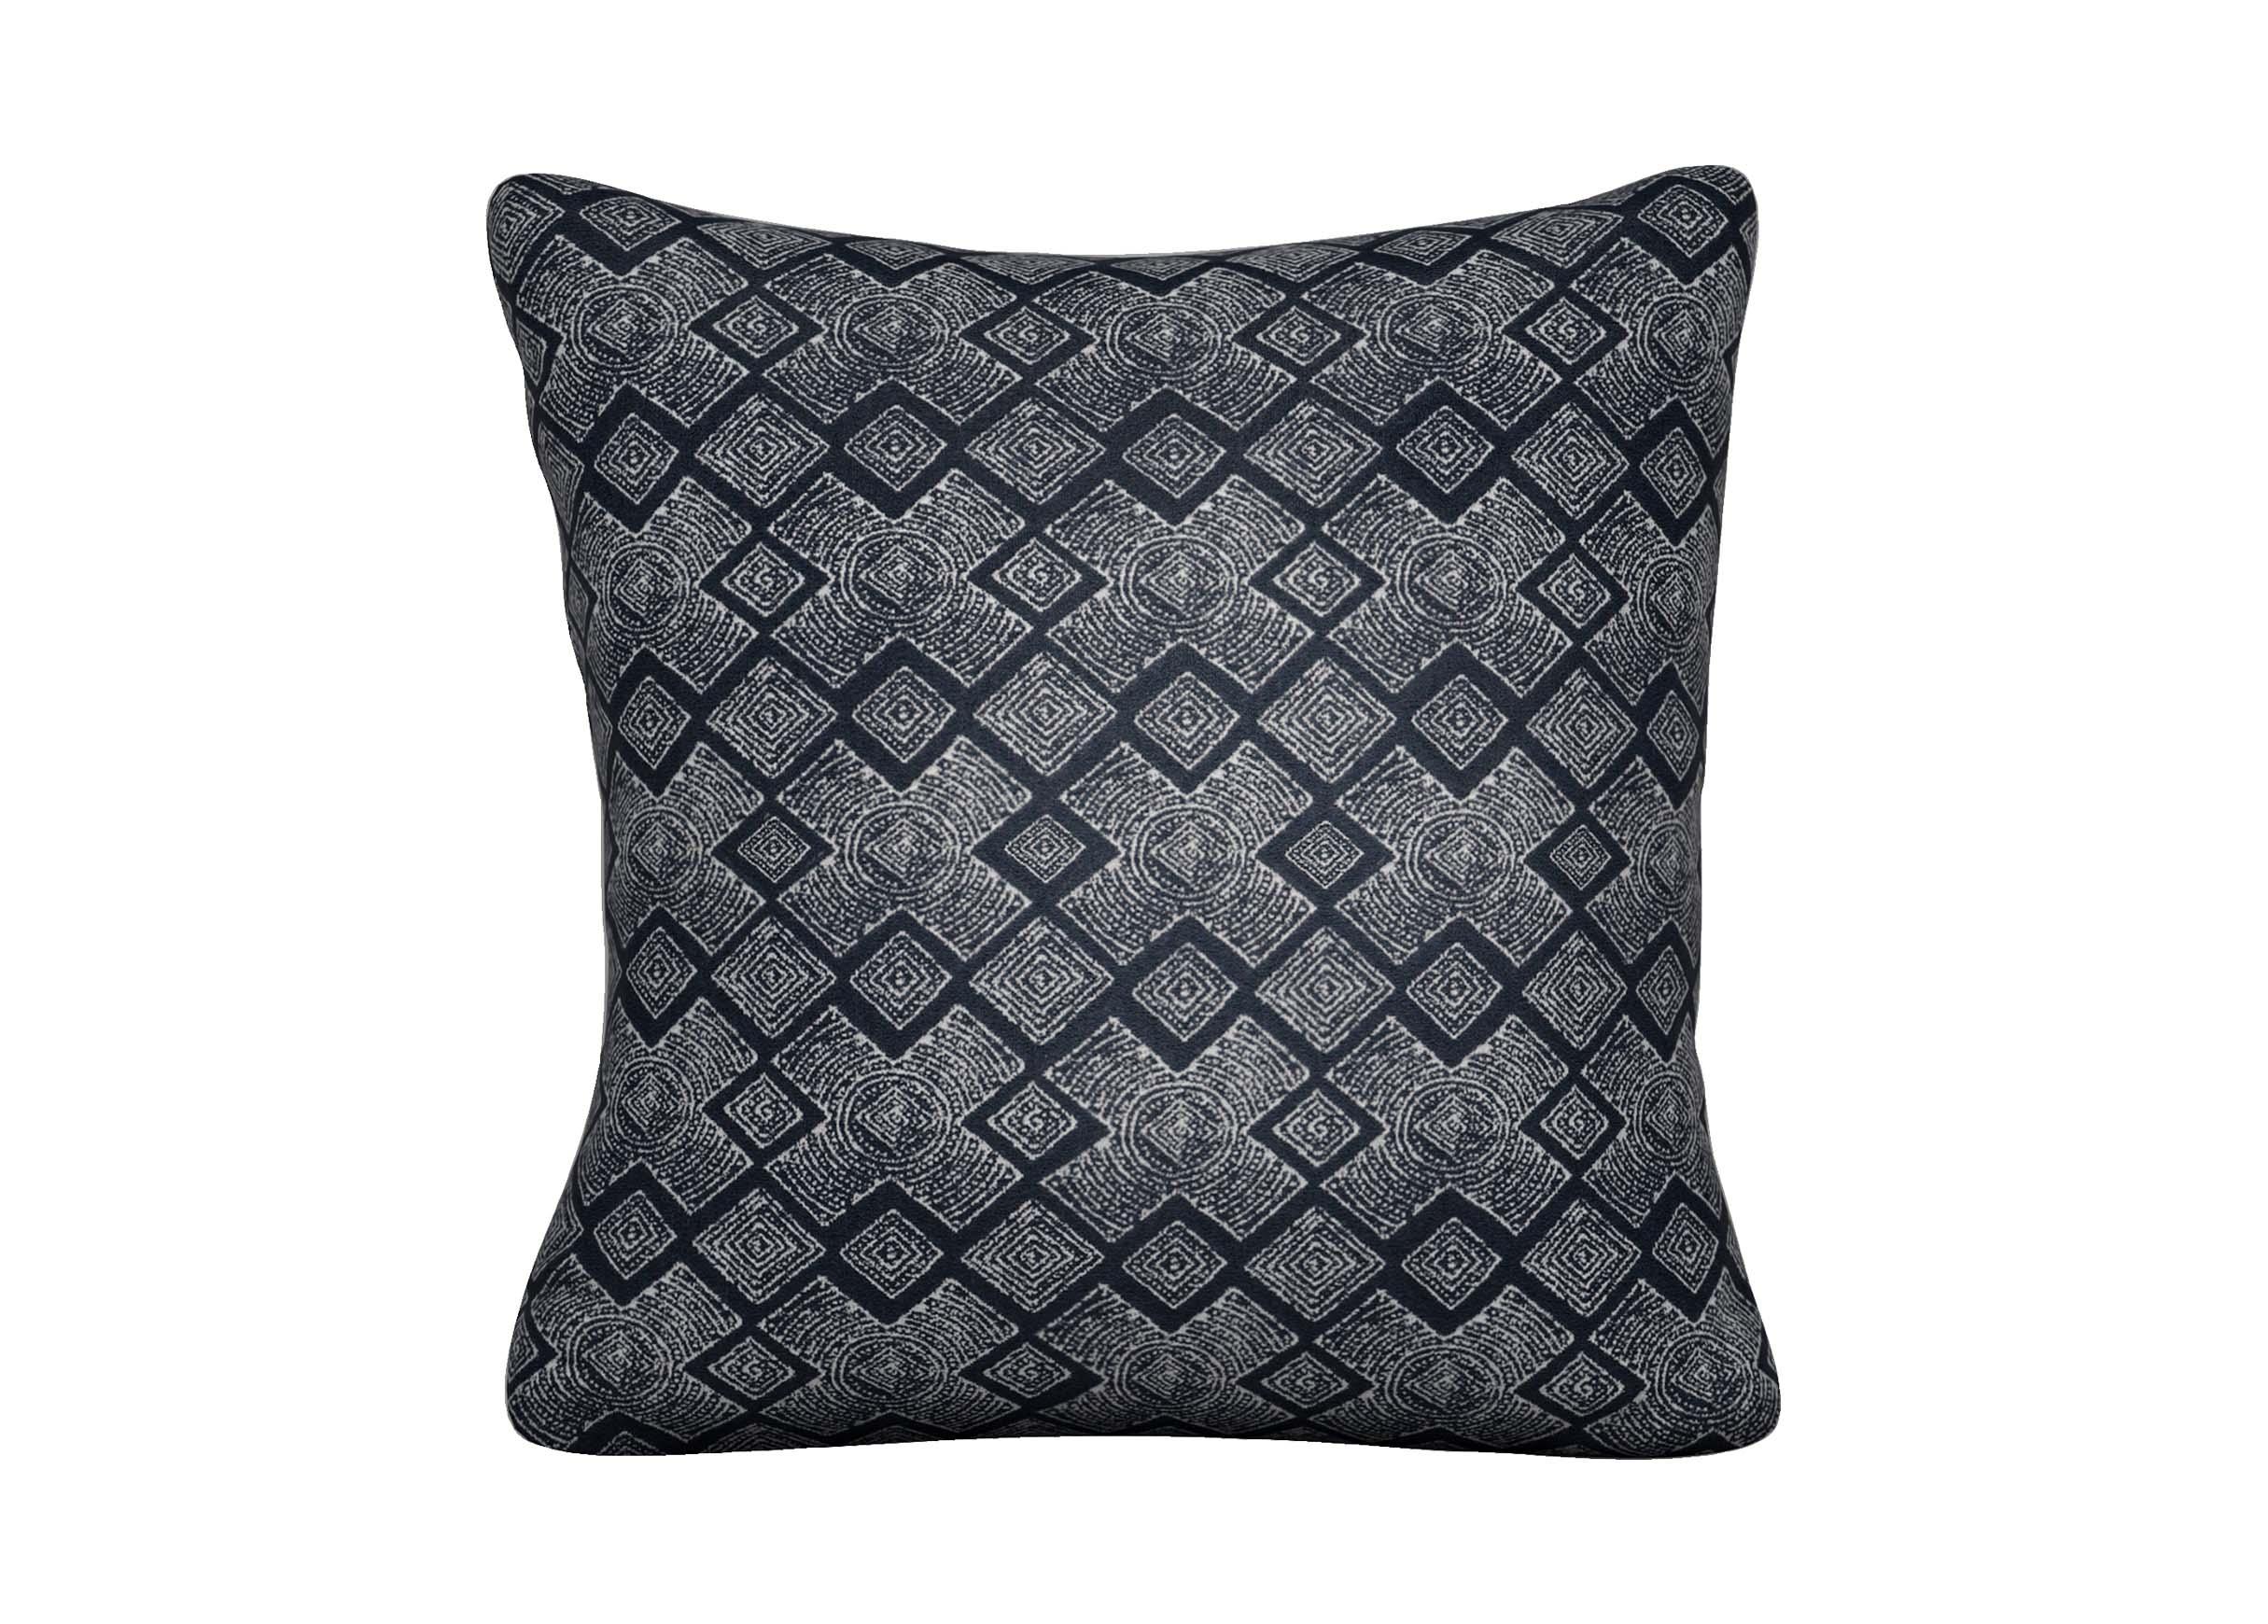 Distin Navy Outdoor Pillow  Outdoor Pillows  Ethan Allen